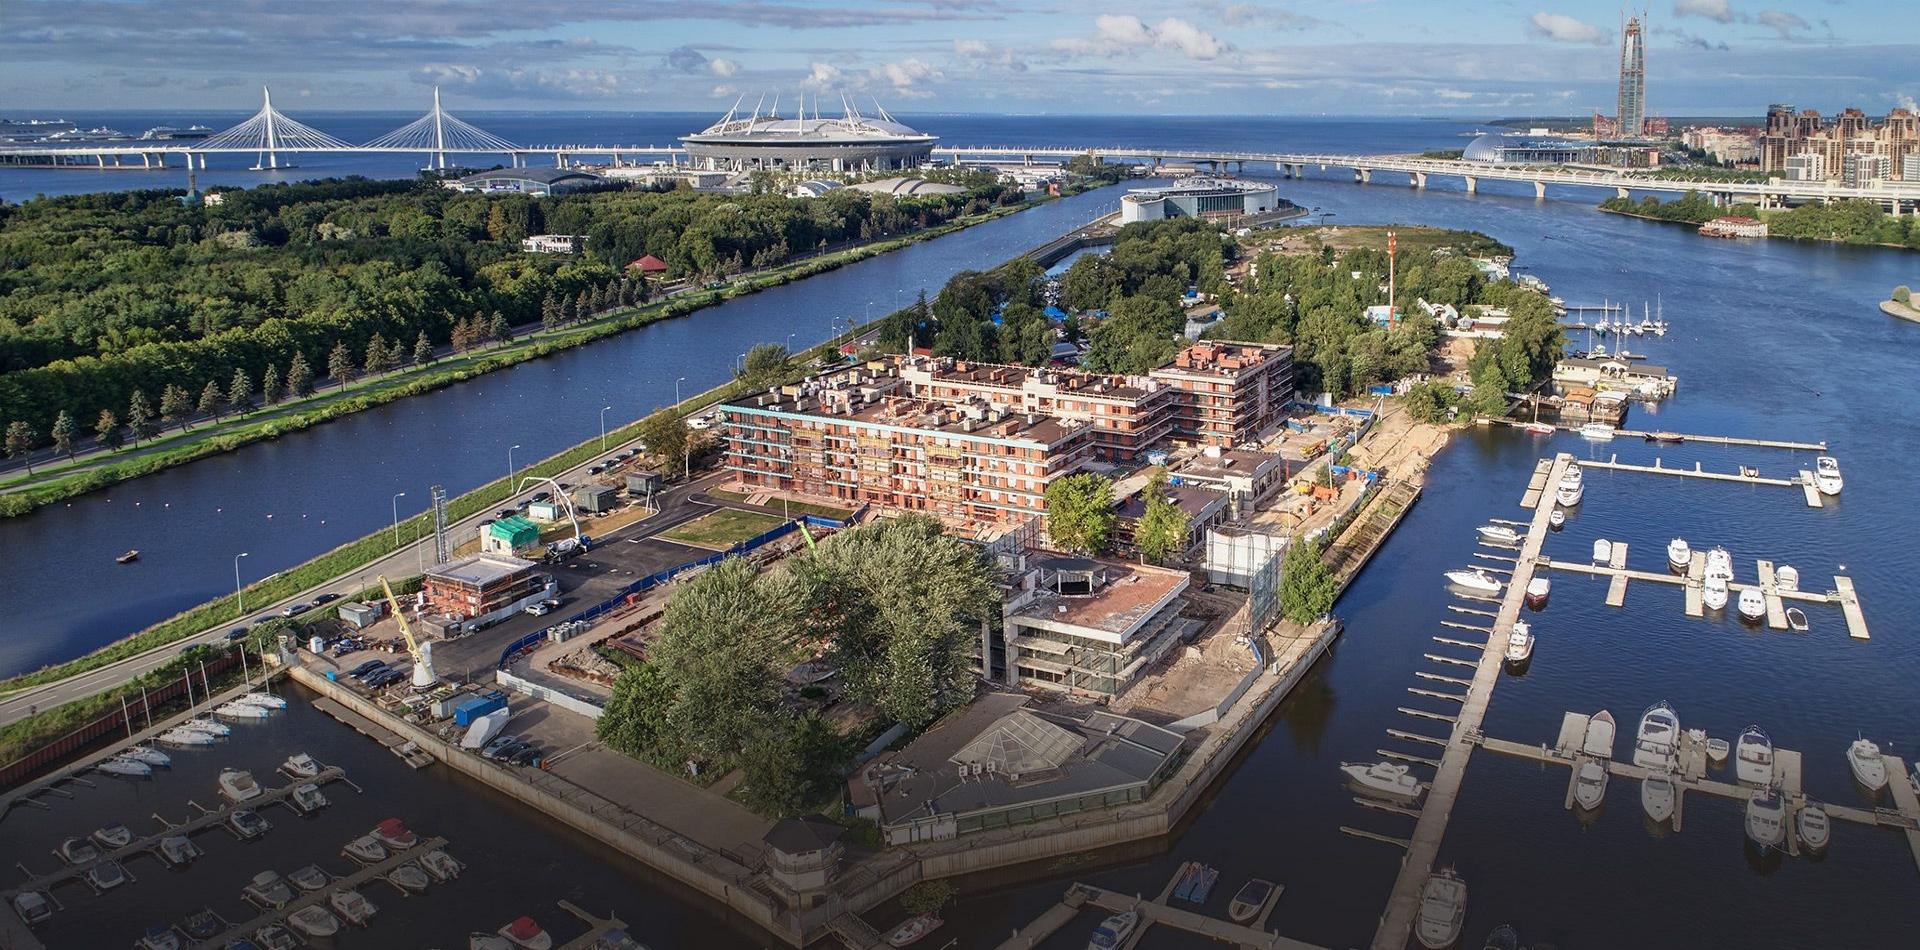 «Капитан, улыбнитесь»: новостройки СПб с причалами для яхт